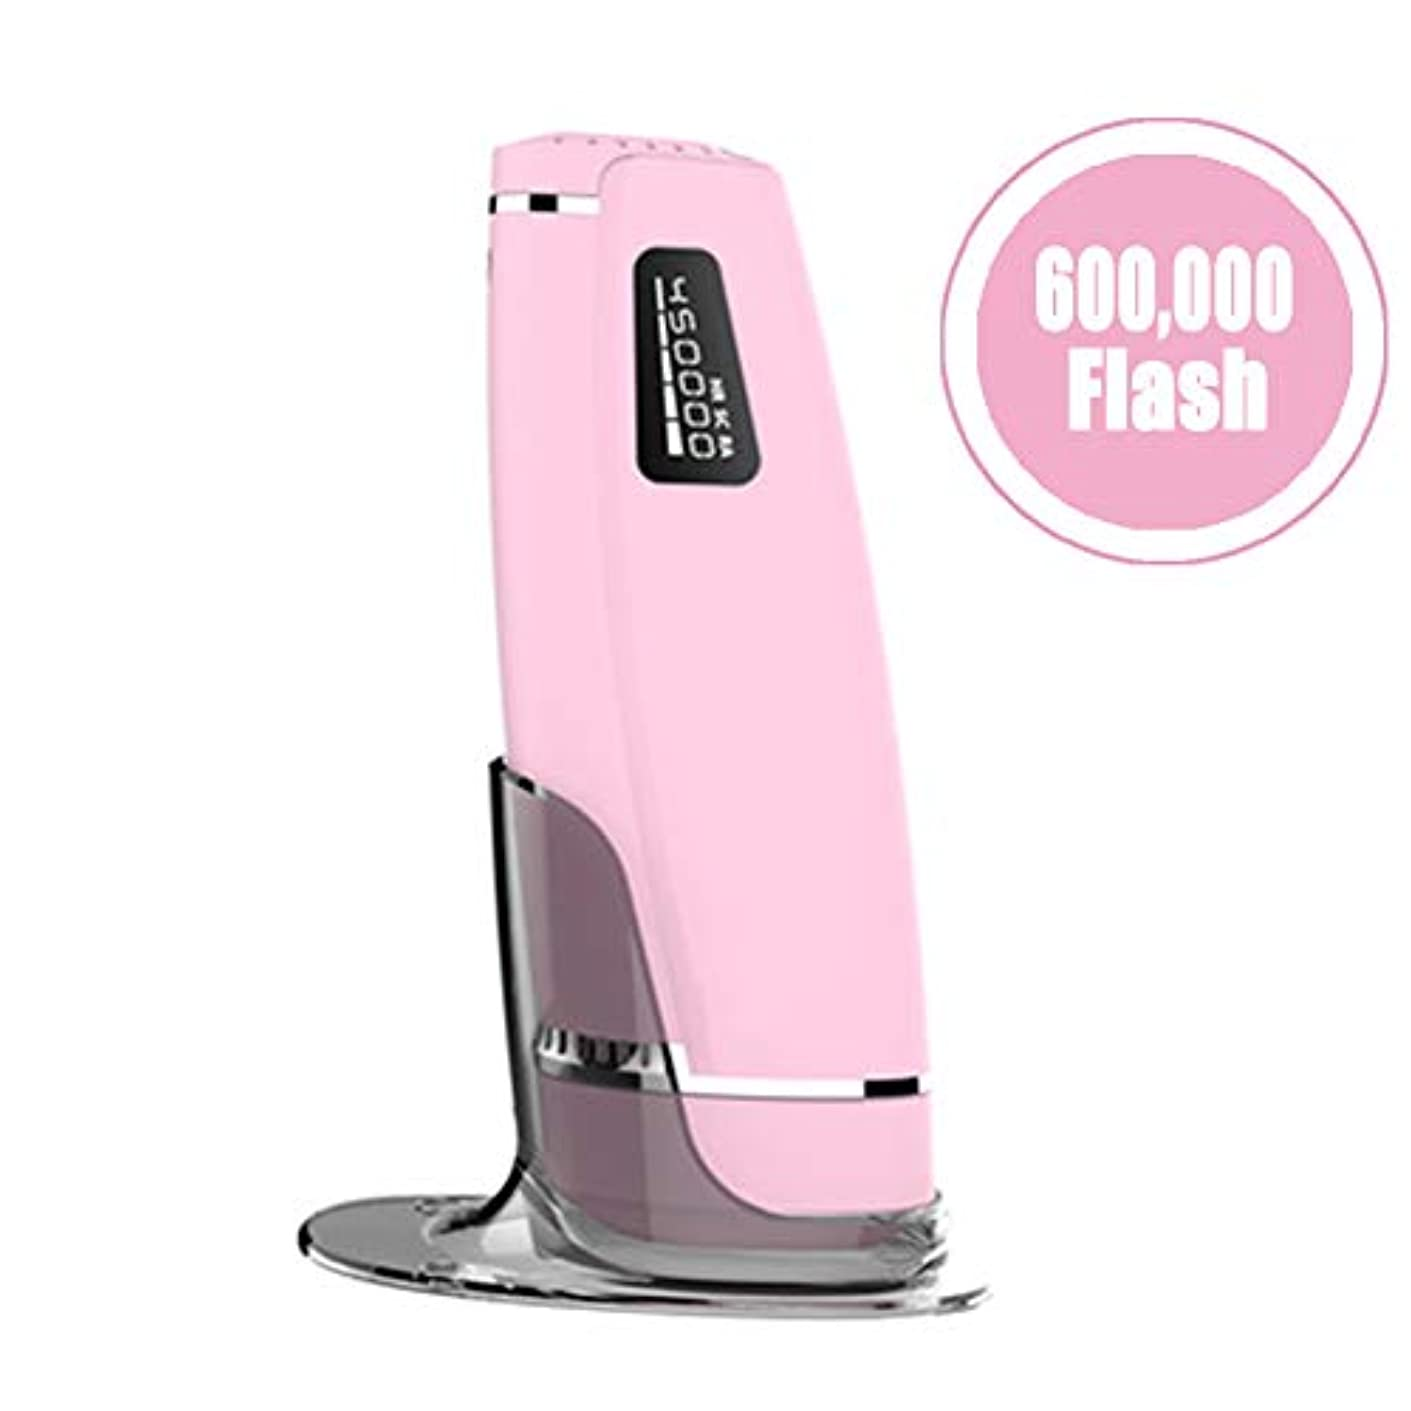 服を洗うディレクターきれいにアップグレードIPLレーザー脱毛システムデバイス、60万回のフラッシュ無痛常設パルス光脱毛器にとってボディフェイス脇の下ビキニライン,Pink